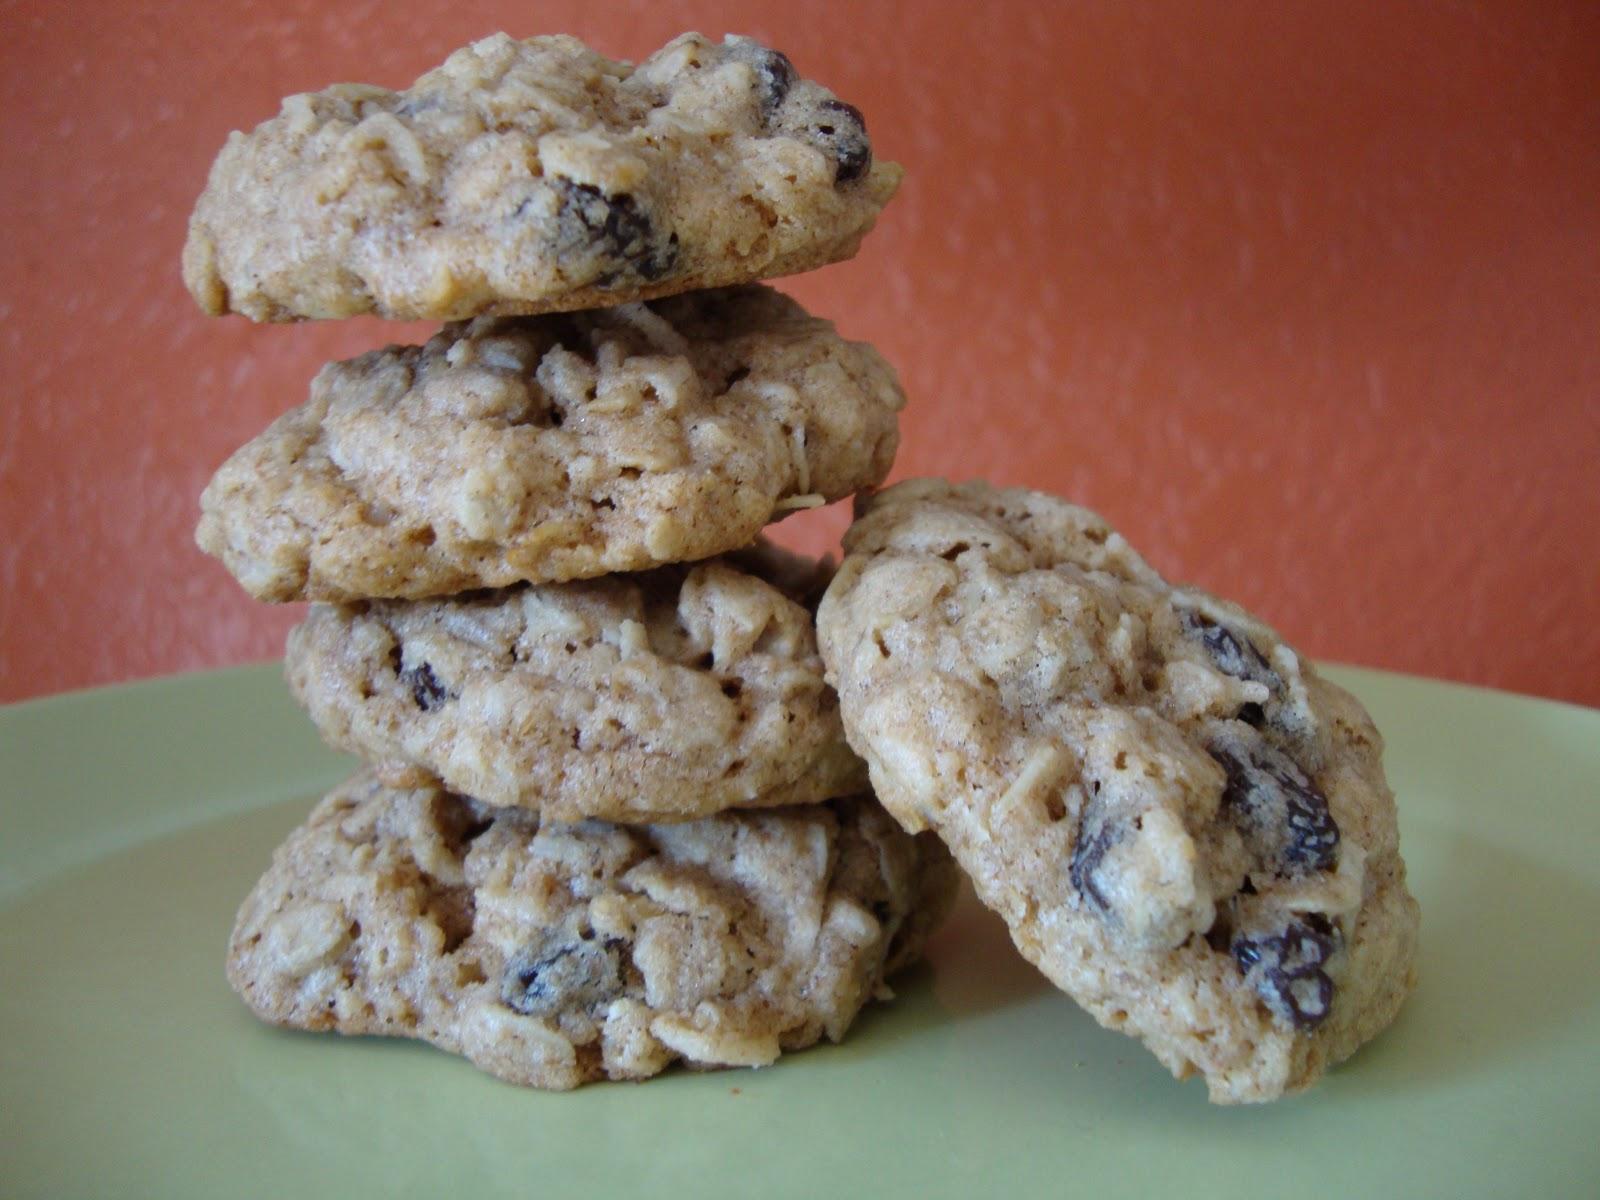 Indulge: Chewy Oatmeal Raisin Cookies